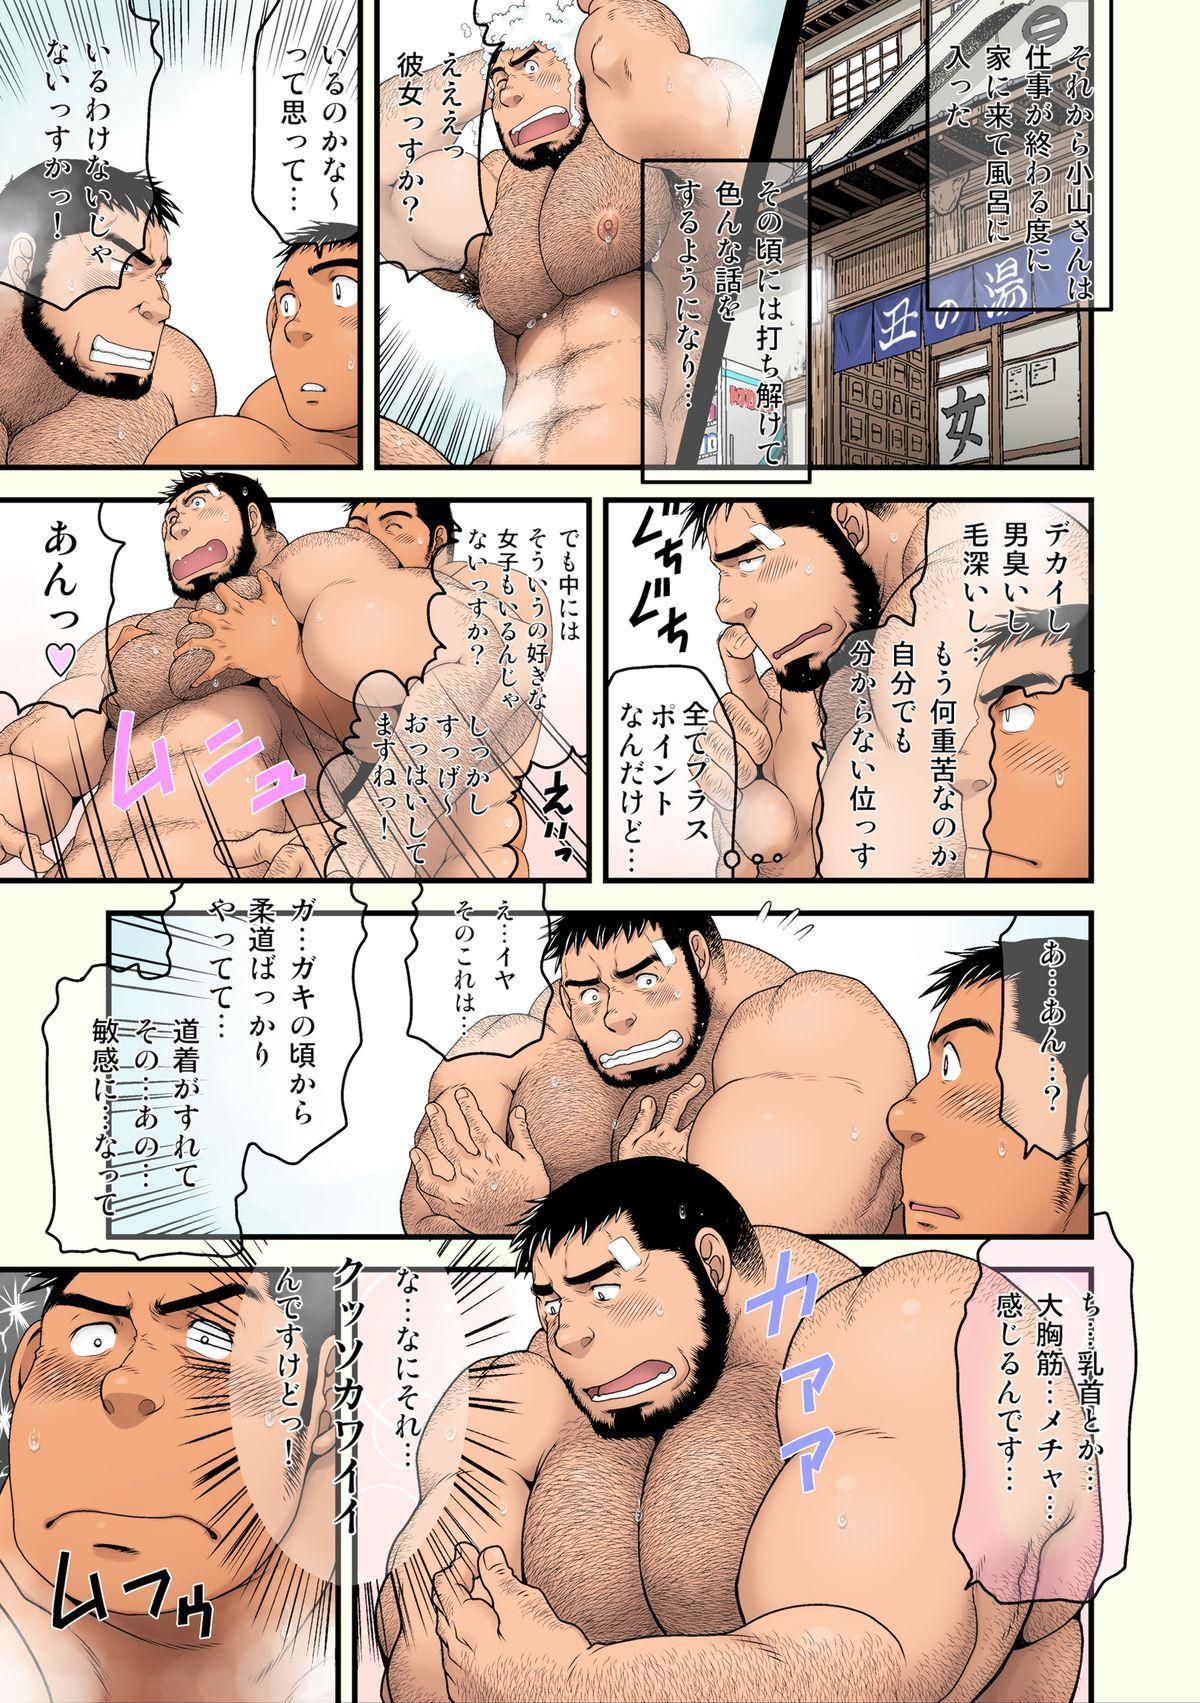 Ano Natsu Ichiban Shizuka na Umi 6